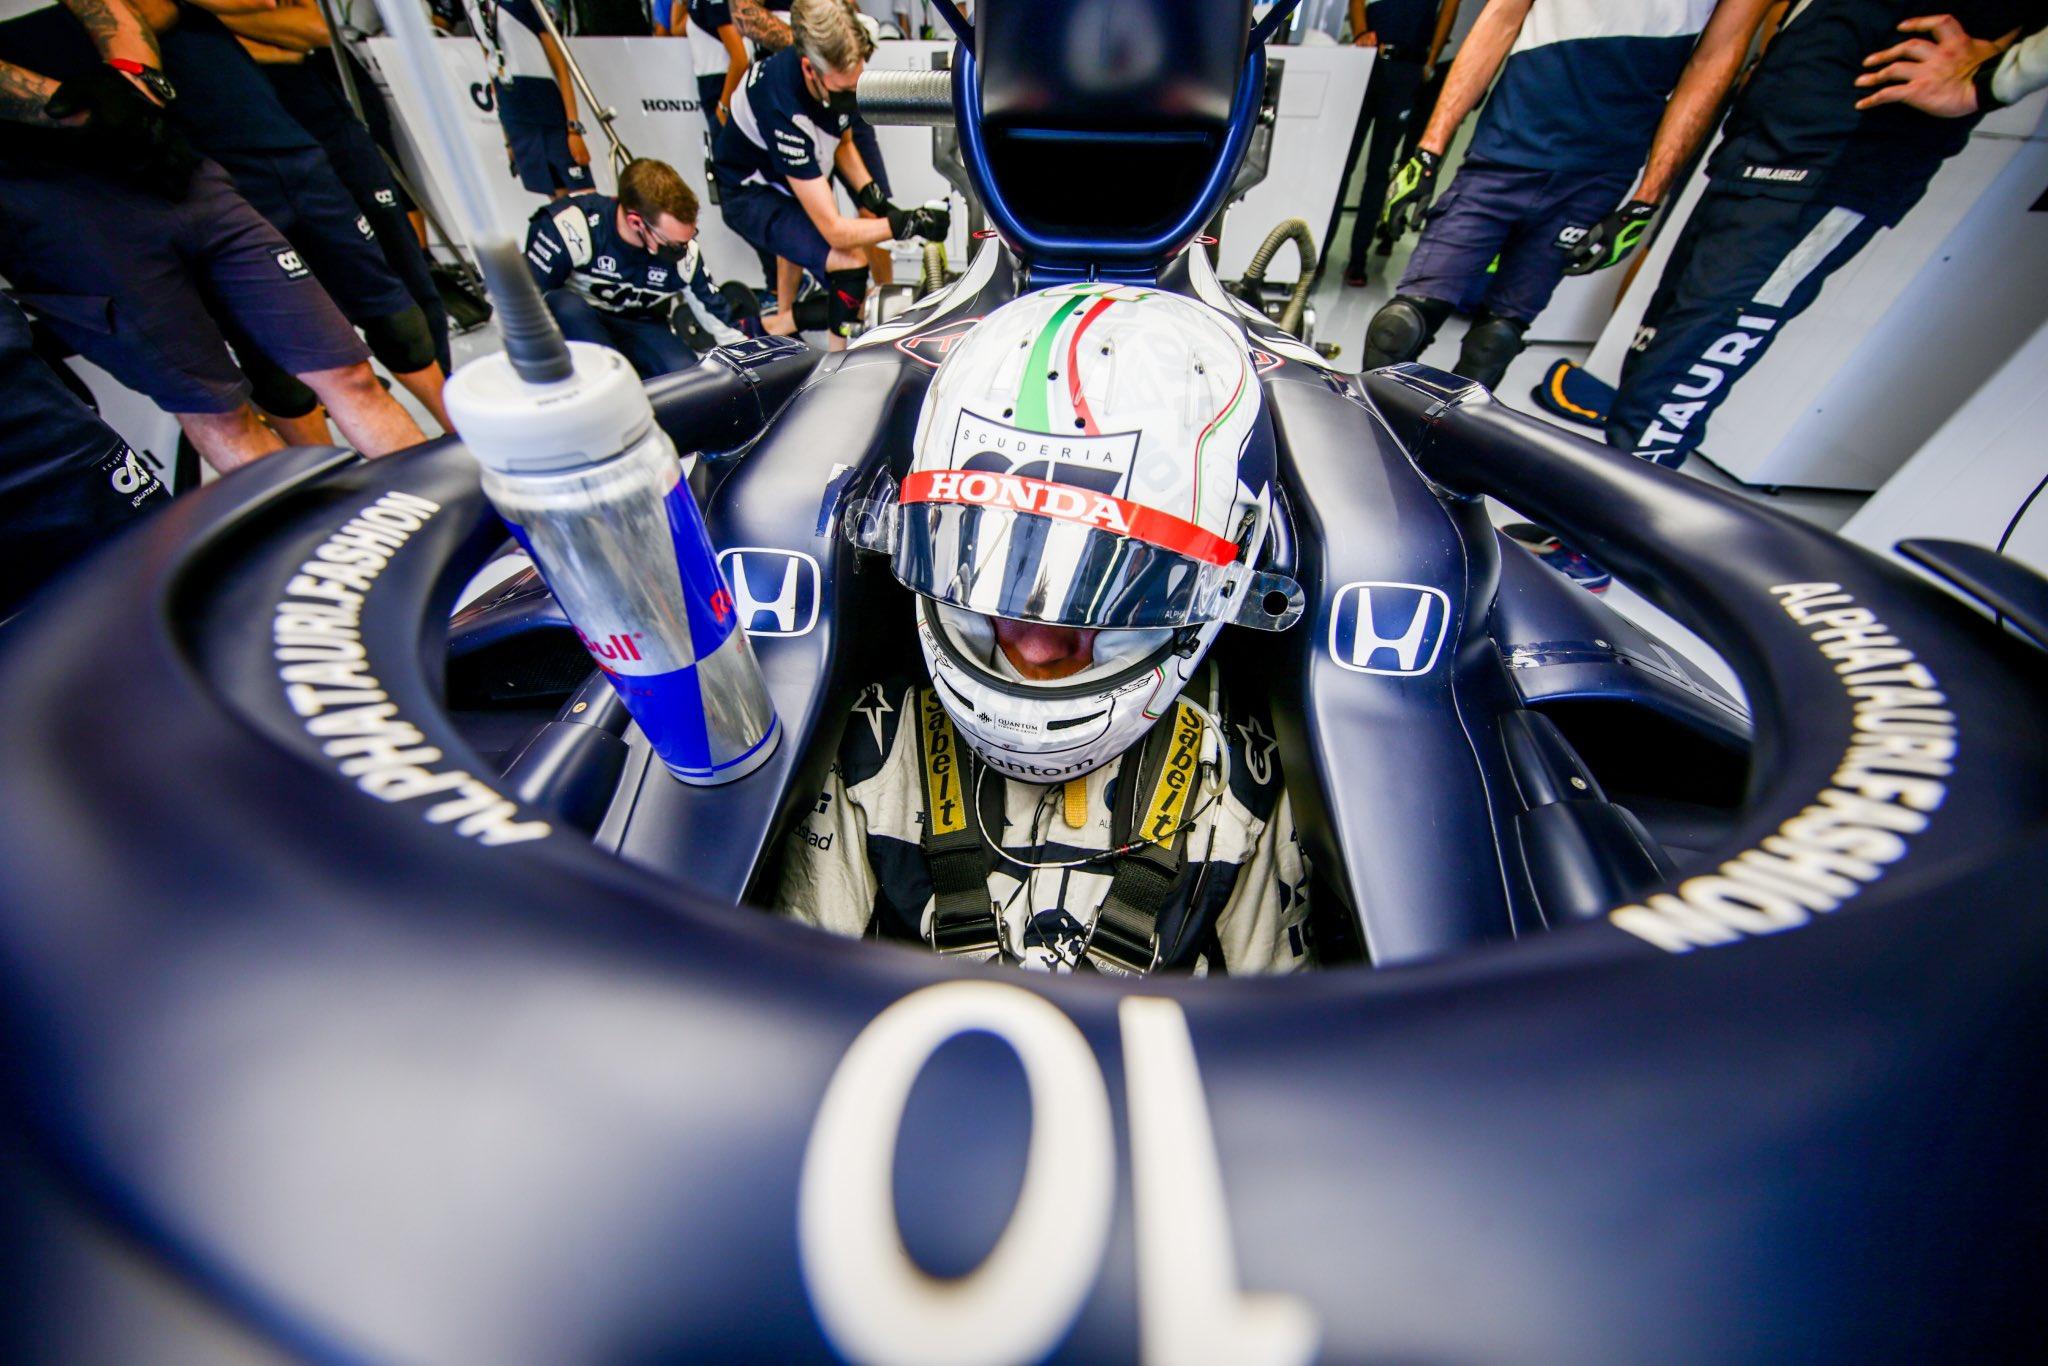 F1 - Changement de moteur sur la monoplace de Gasly avant le départ